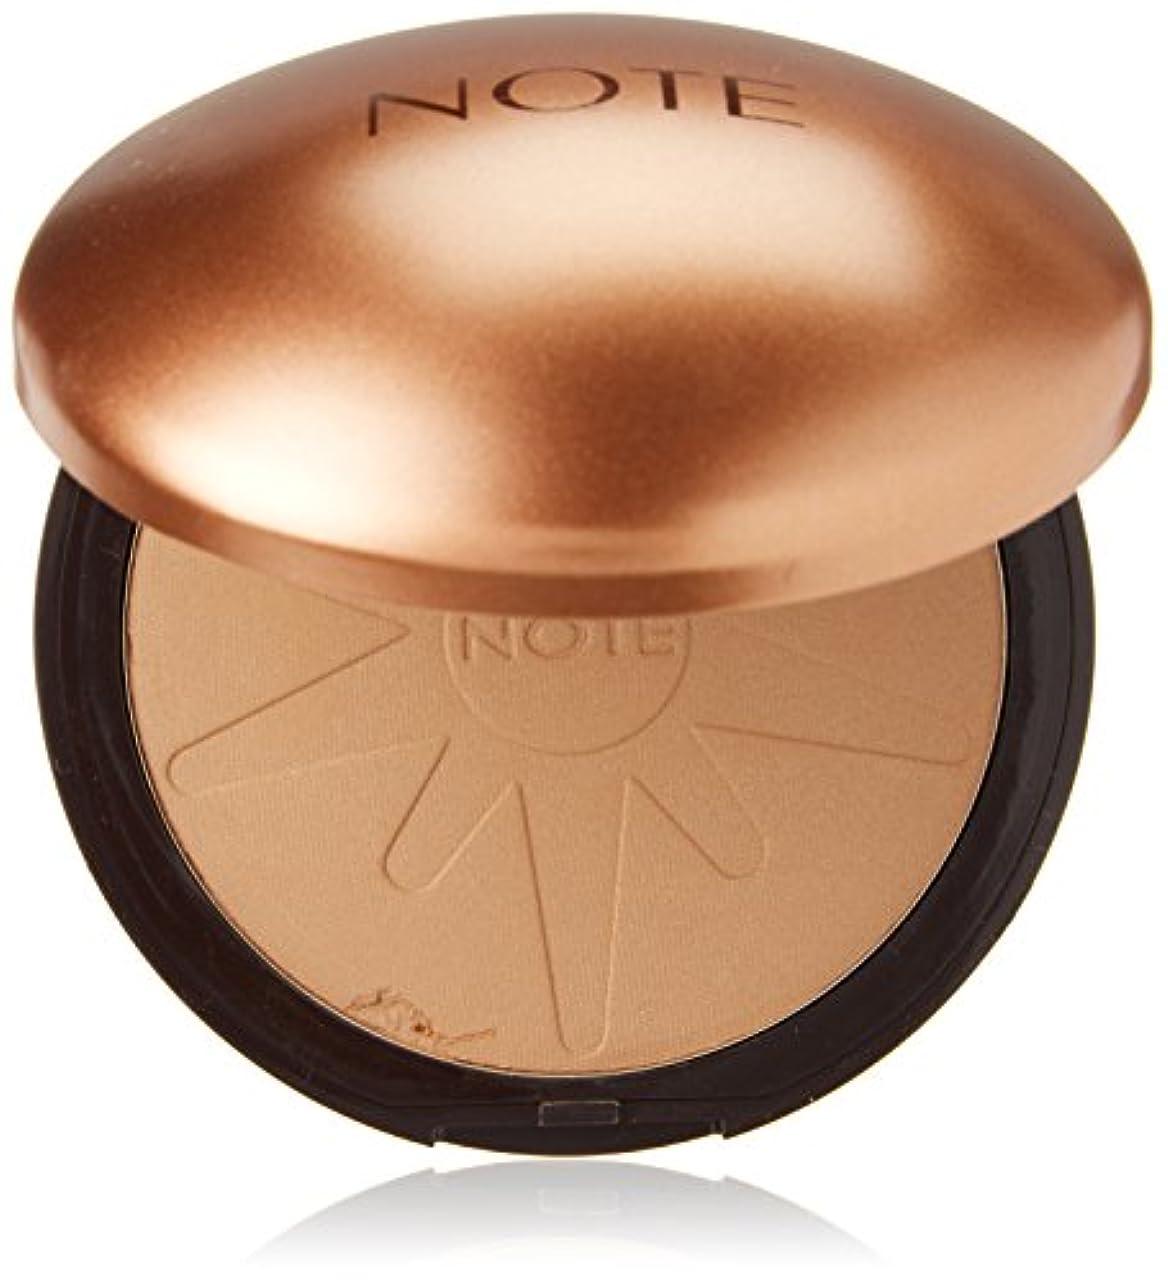 原点ほとんどの場合皮肉NOTE Cosmetics ブロンジングパウダー、1.1オンス 第20号